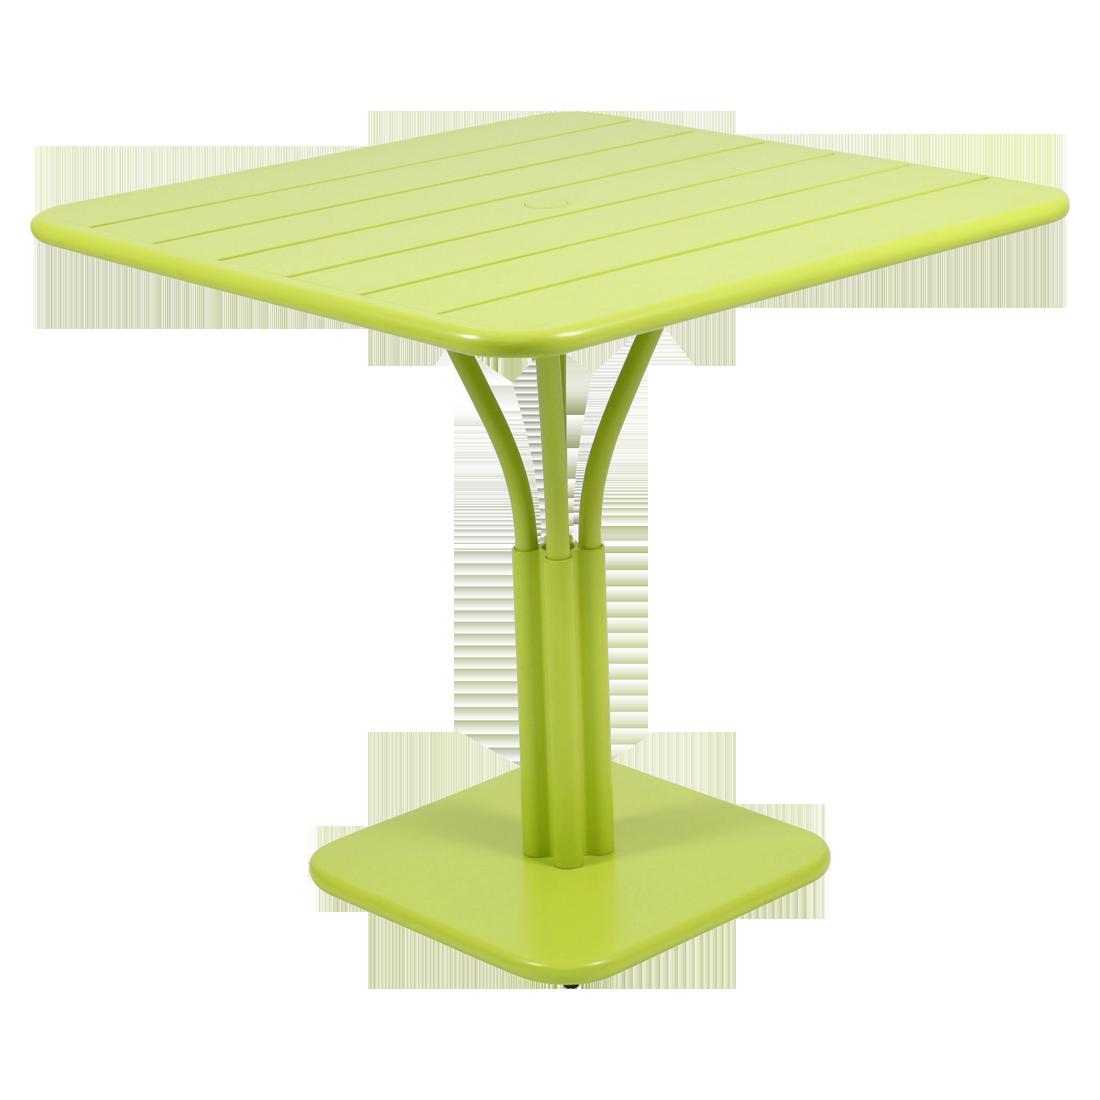 Jetzt Bei Desigano Com Luxembourg Tisch 80x80 Gartenmobel Gartentische Von Fermob Ab Euro 608 00 Luxembourg Ist Eine Esstisch Podest Esstisch Terrassentisch